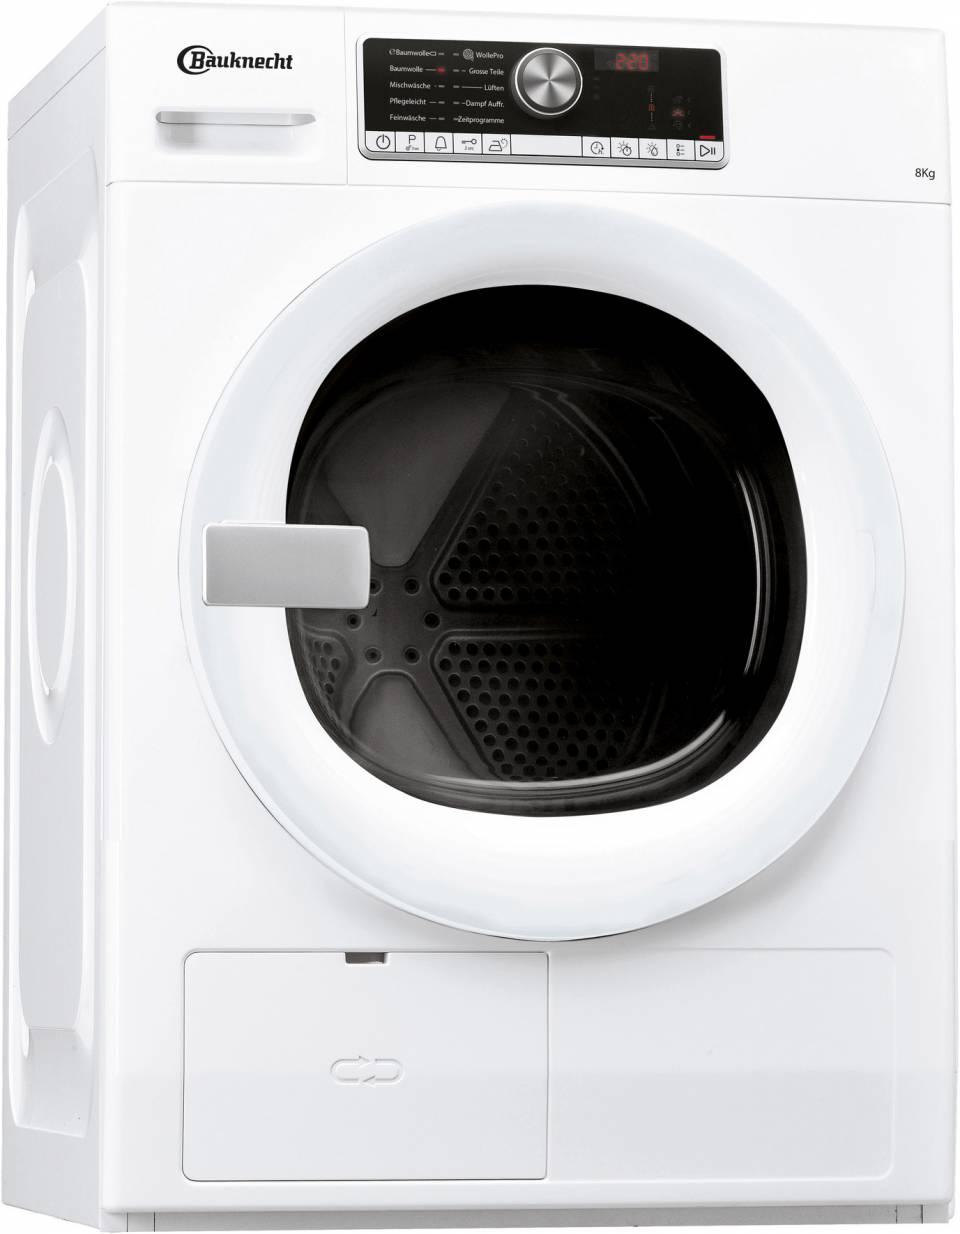 Das sparsamste Gerät unter den Top 3 des ETM Tests: Der PremiumCare Wäschetrockner TR Move 81A3 von Bauknecht.